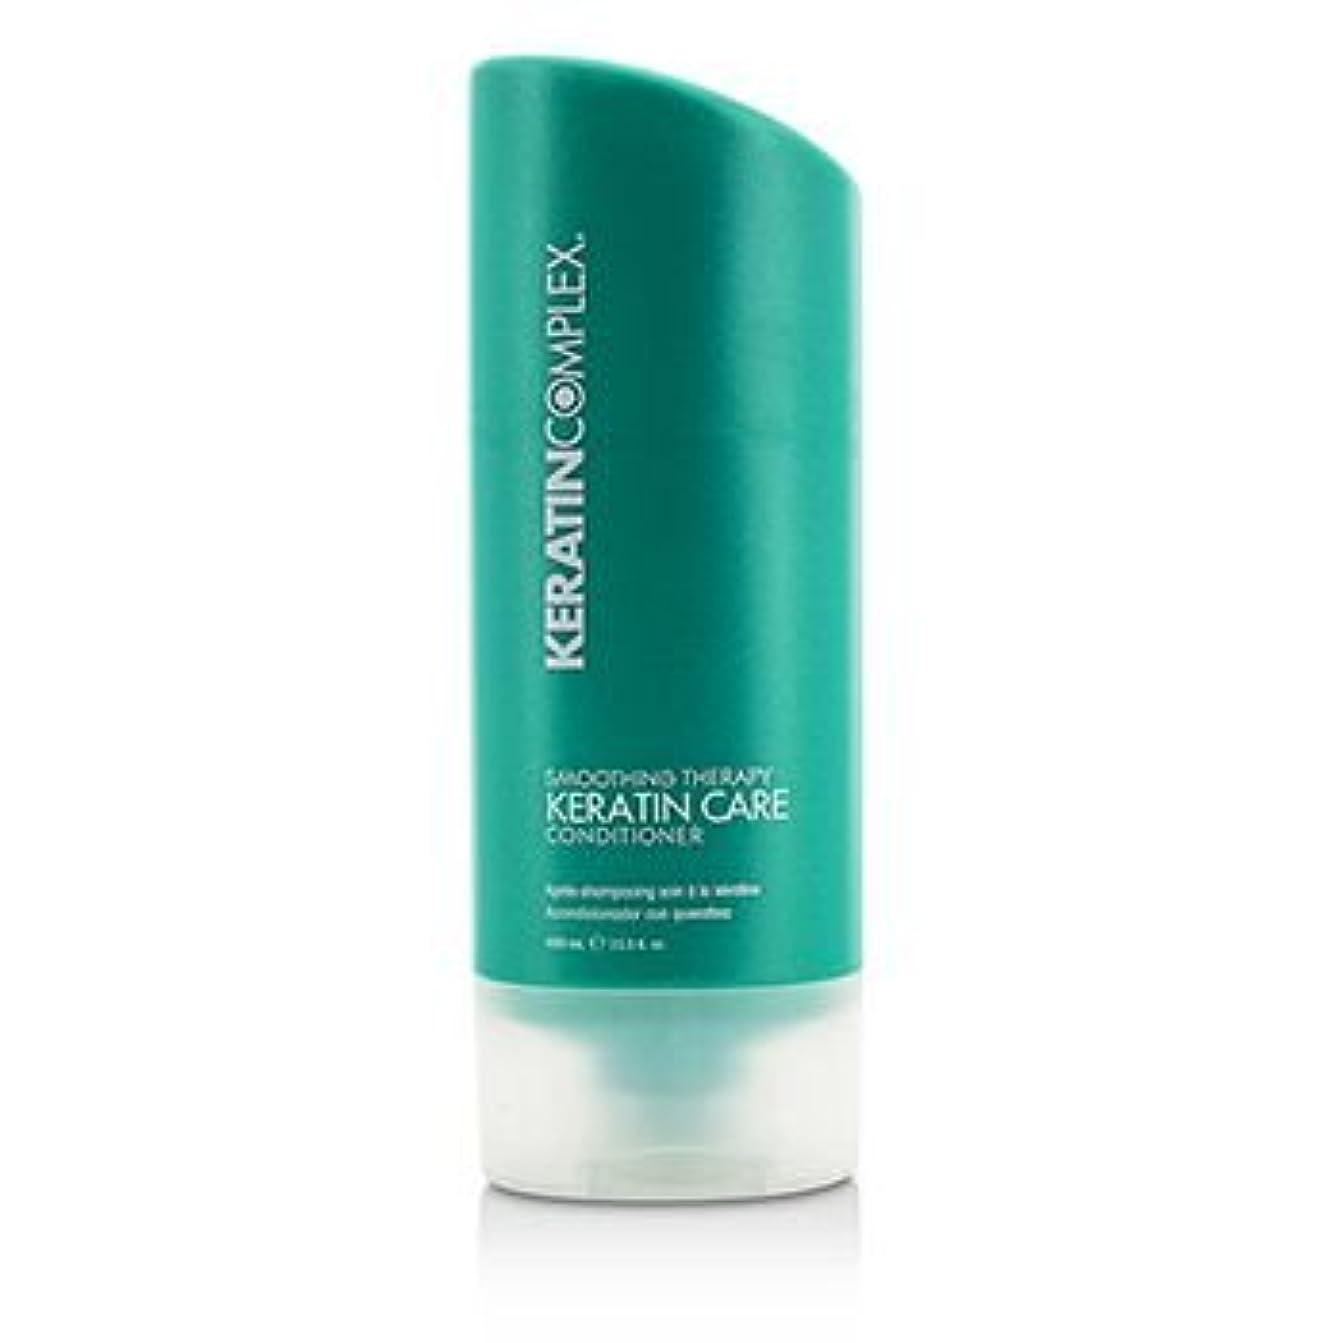 独特のシェア海港[Keratin Complex] Smoothing Therapy Keratin Care Conditioner (For All Hair Types) 1000ml/33.8oz